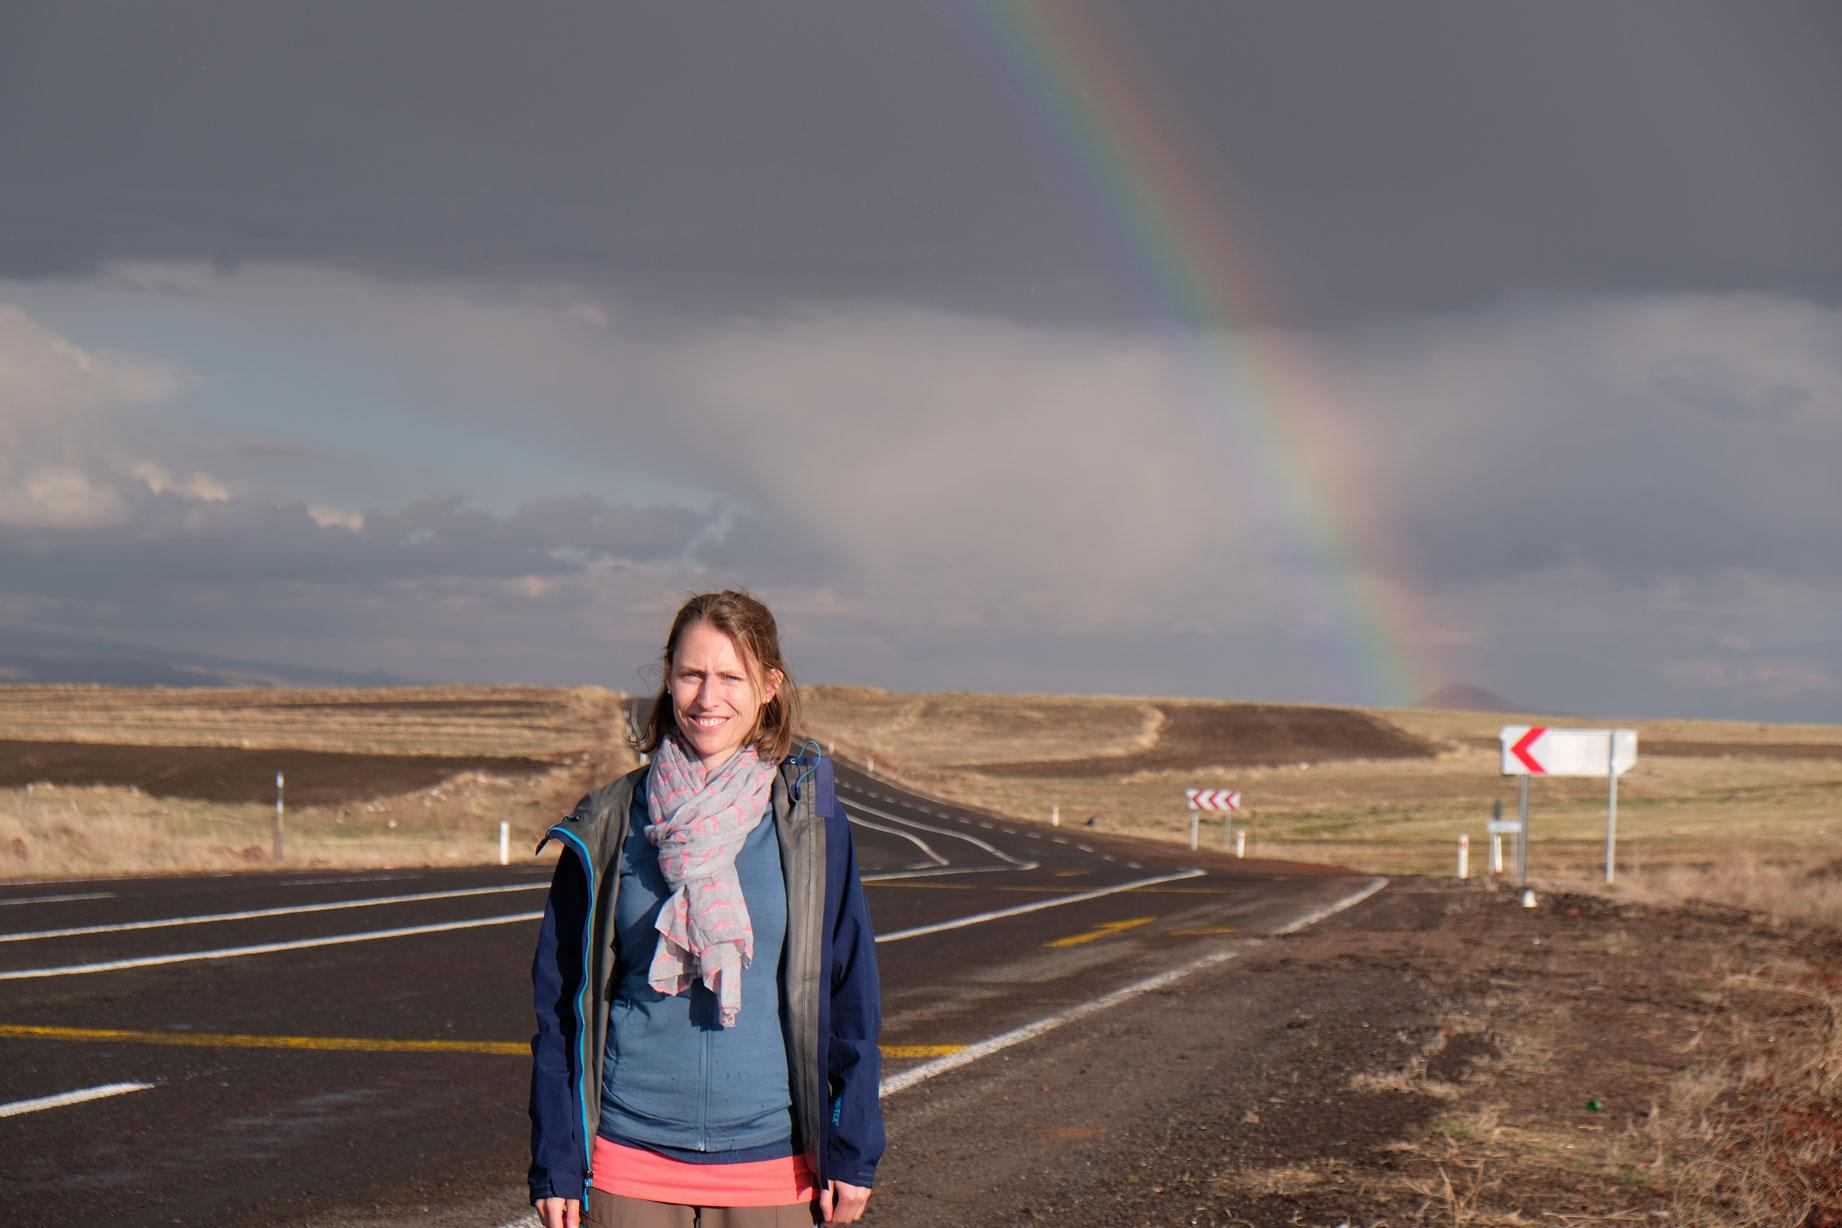 Leo steht auf einer Straße vor einem Regenbogen